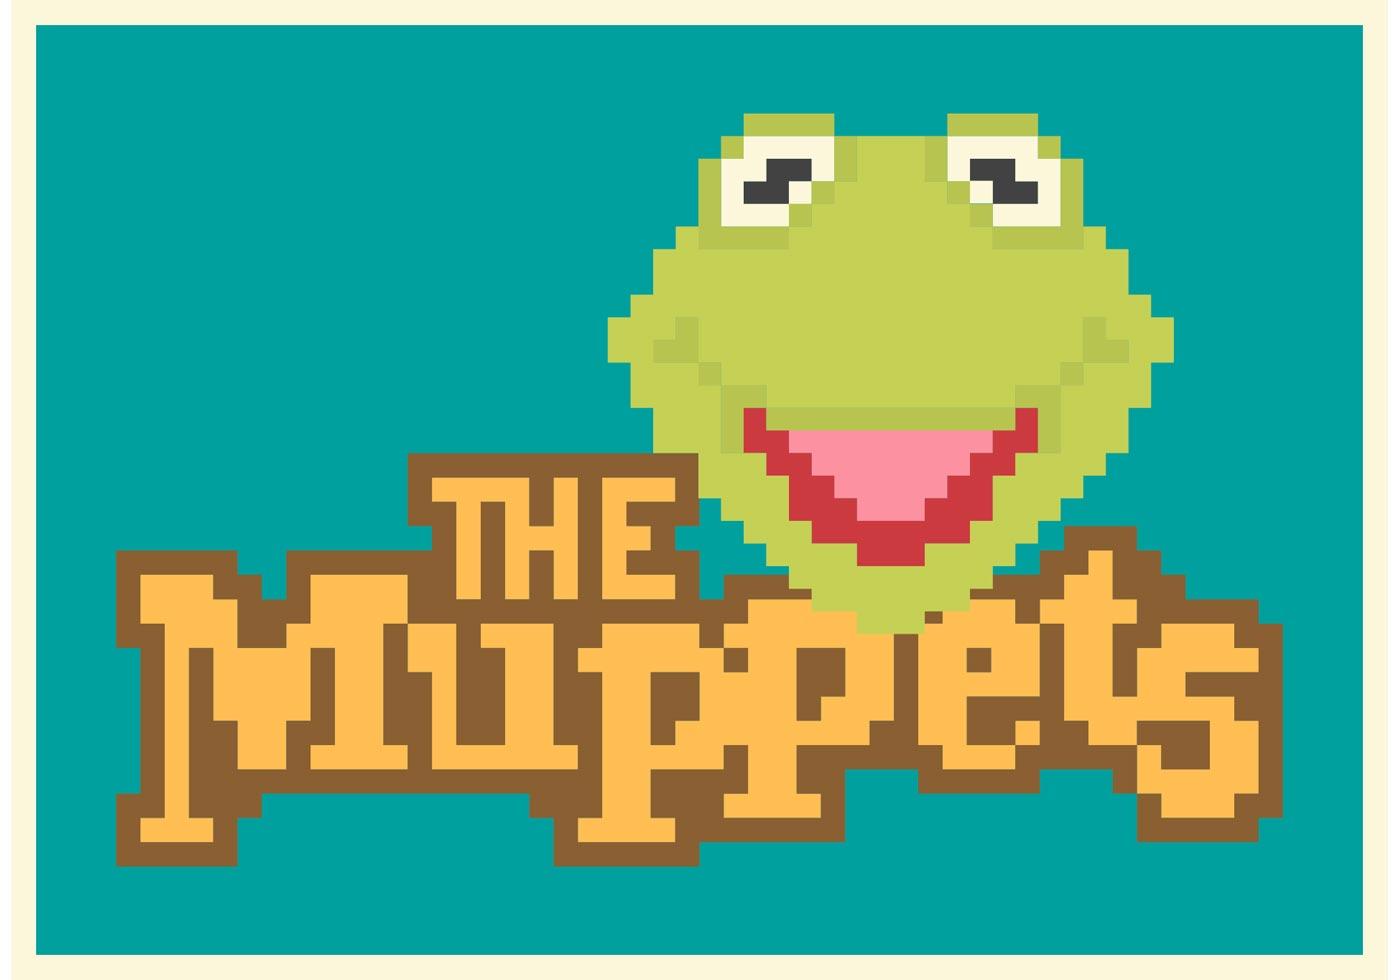 One Line Pixel Art : Free pixel kermit the frog vector poster download